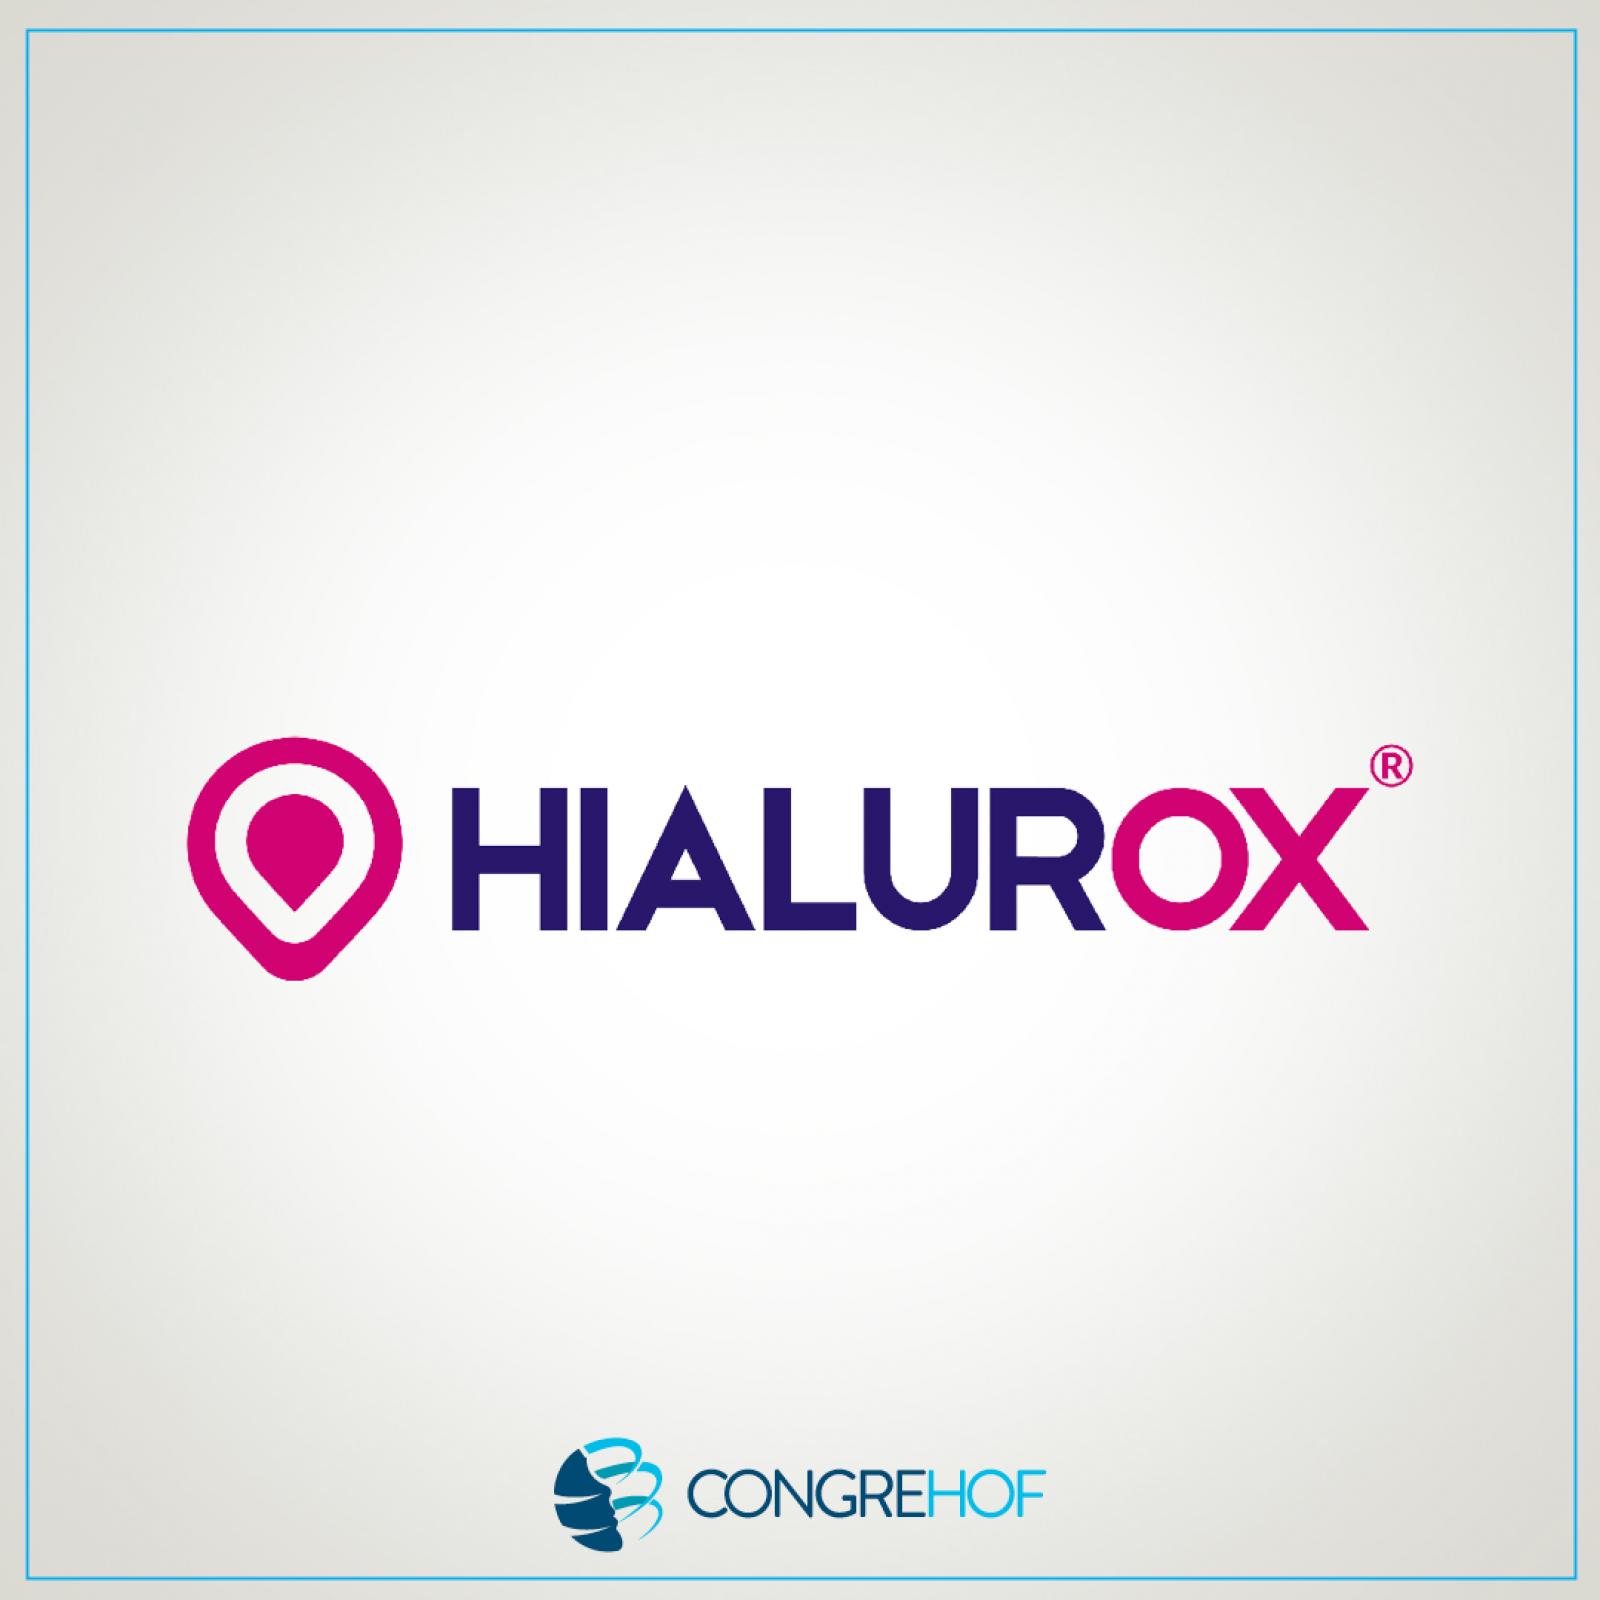 3. HIALUROX